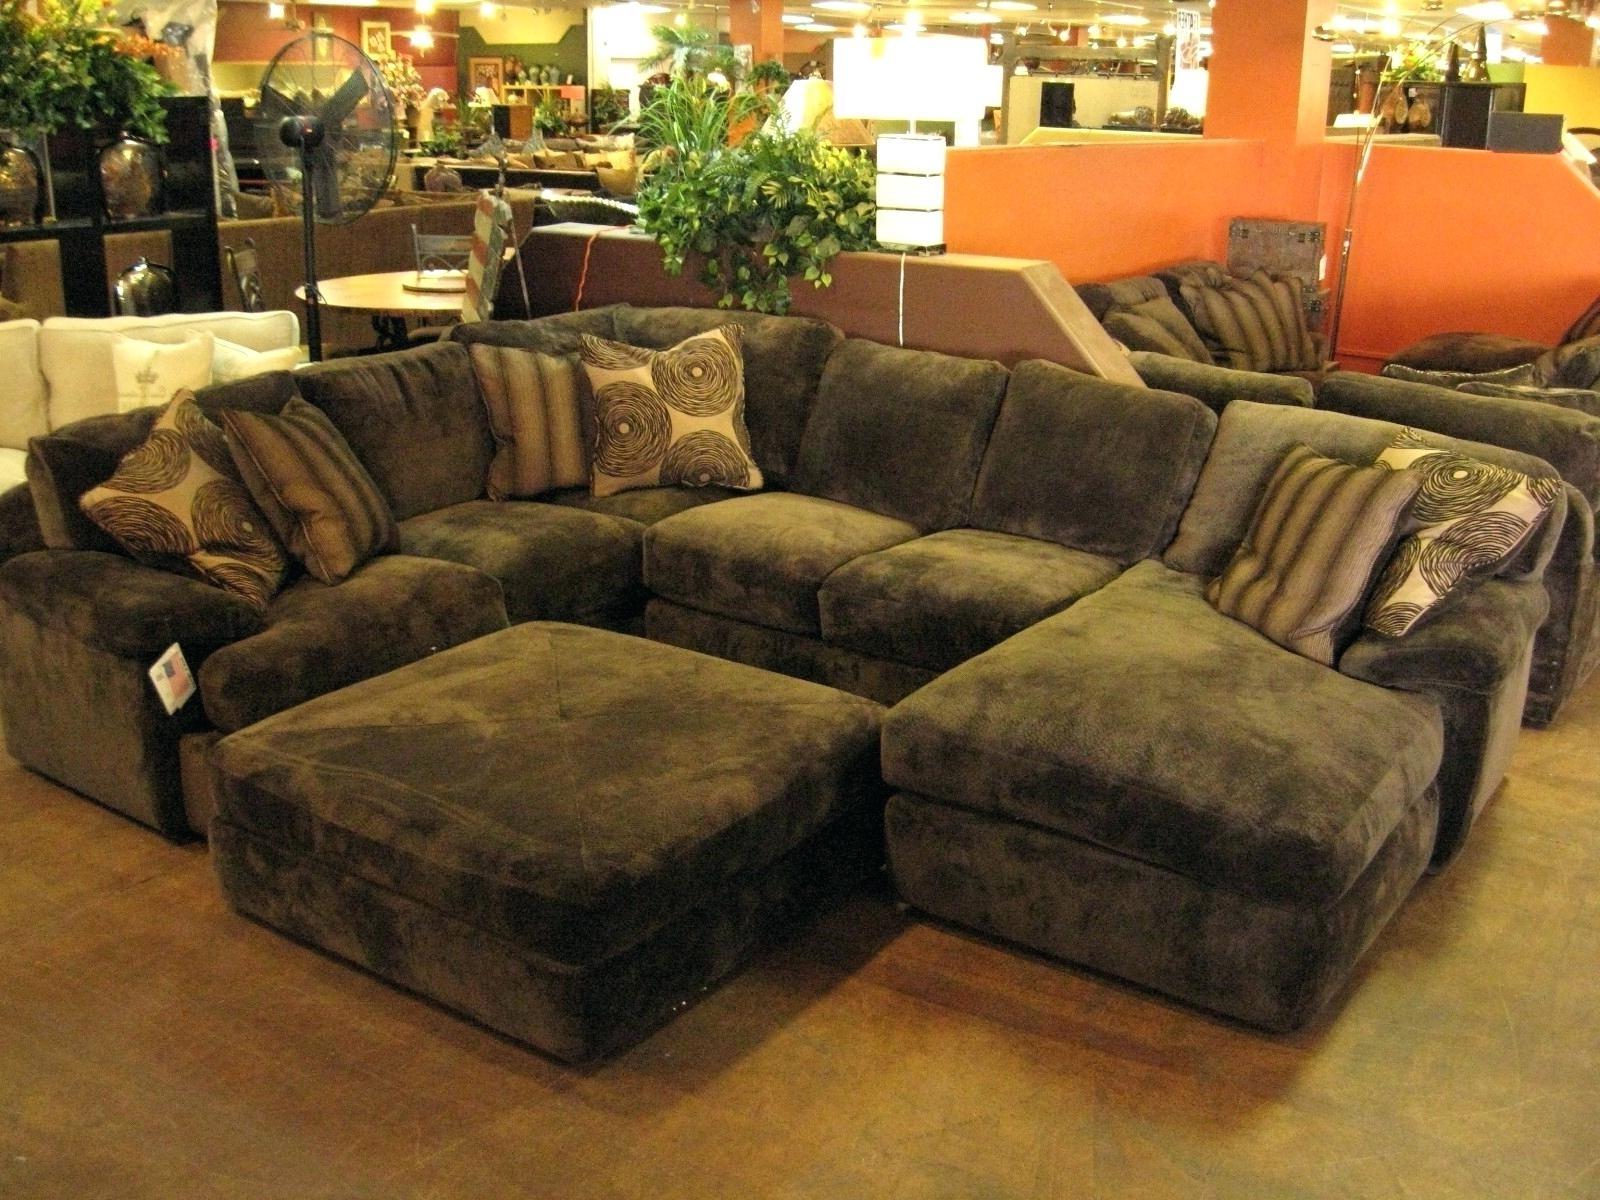 Fashionable Sectional Sofas Okc Or T Cheap For Sale Ok – Koupelnynaklic Regarding Okc Sectional Sofas (View 4 of 15)